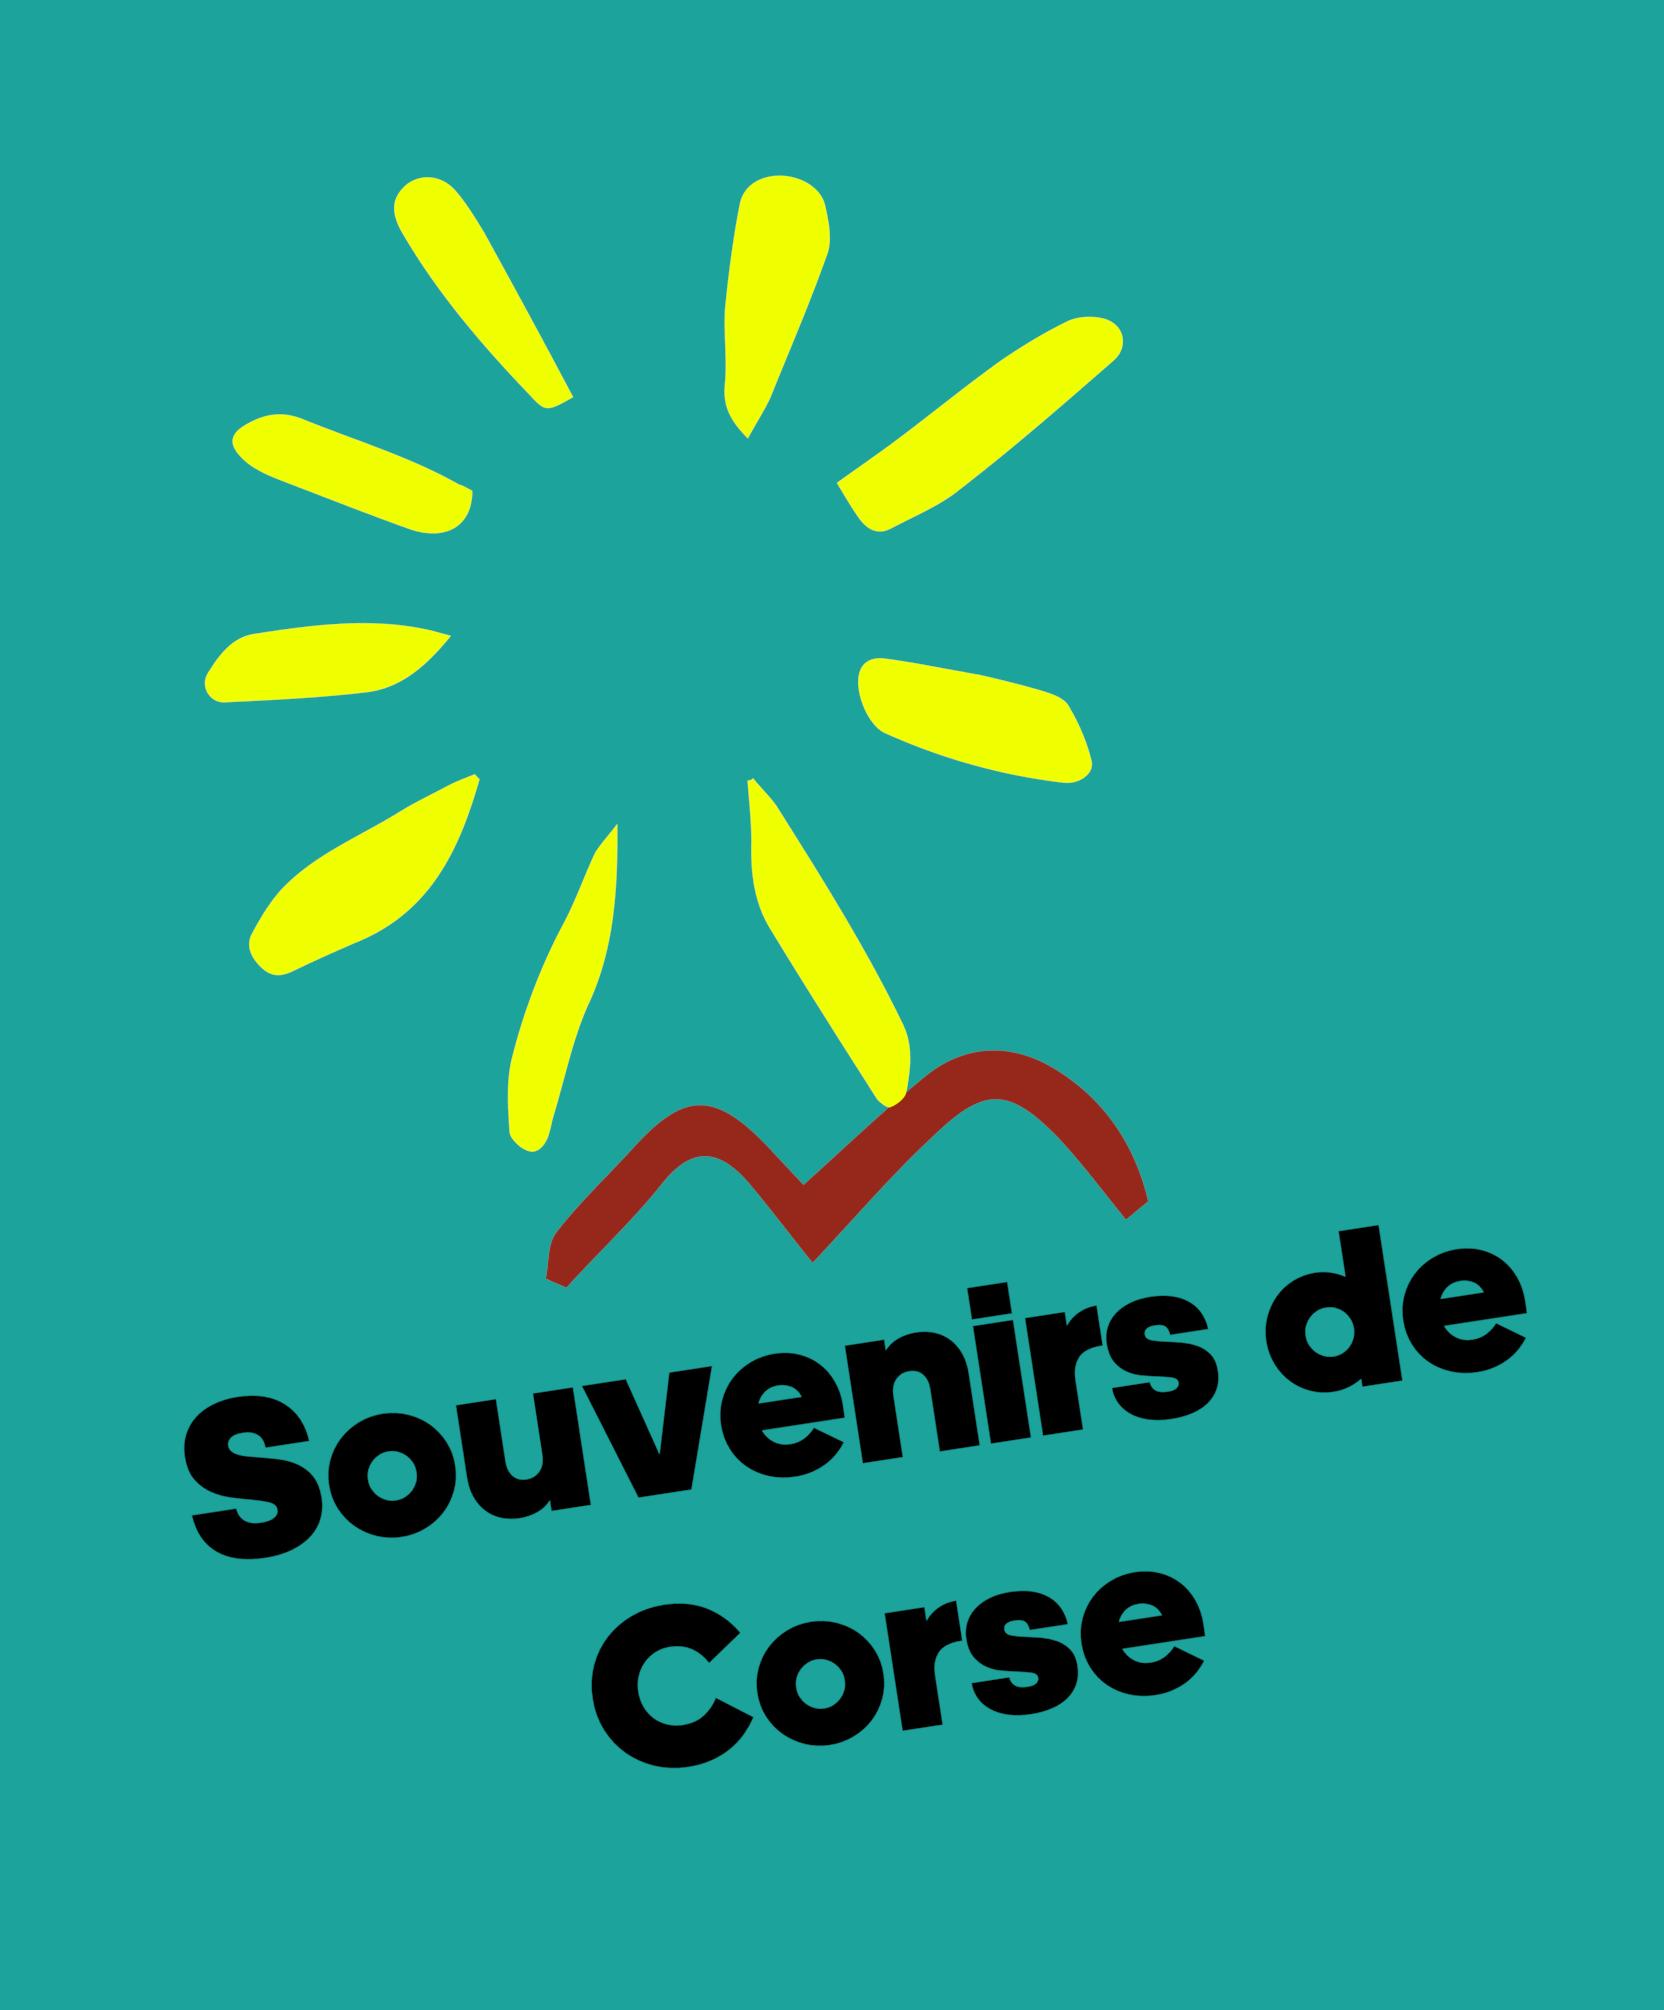 Réservez vos vacances en corse dans notre boutique Corse